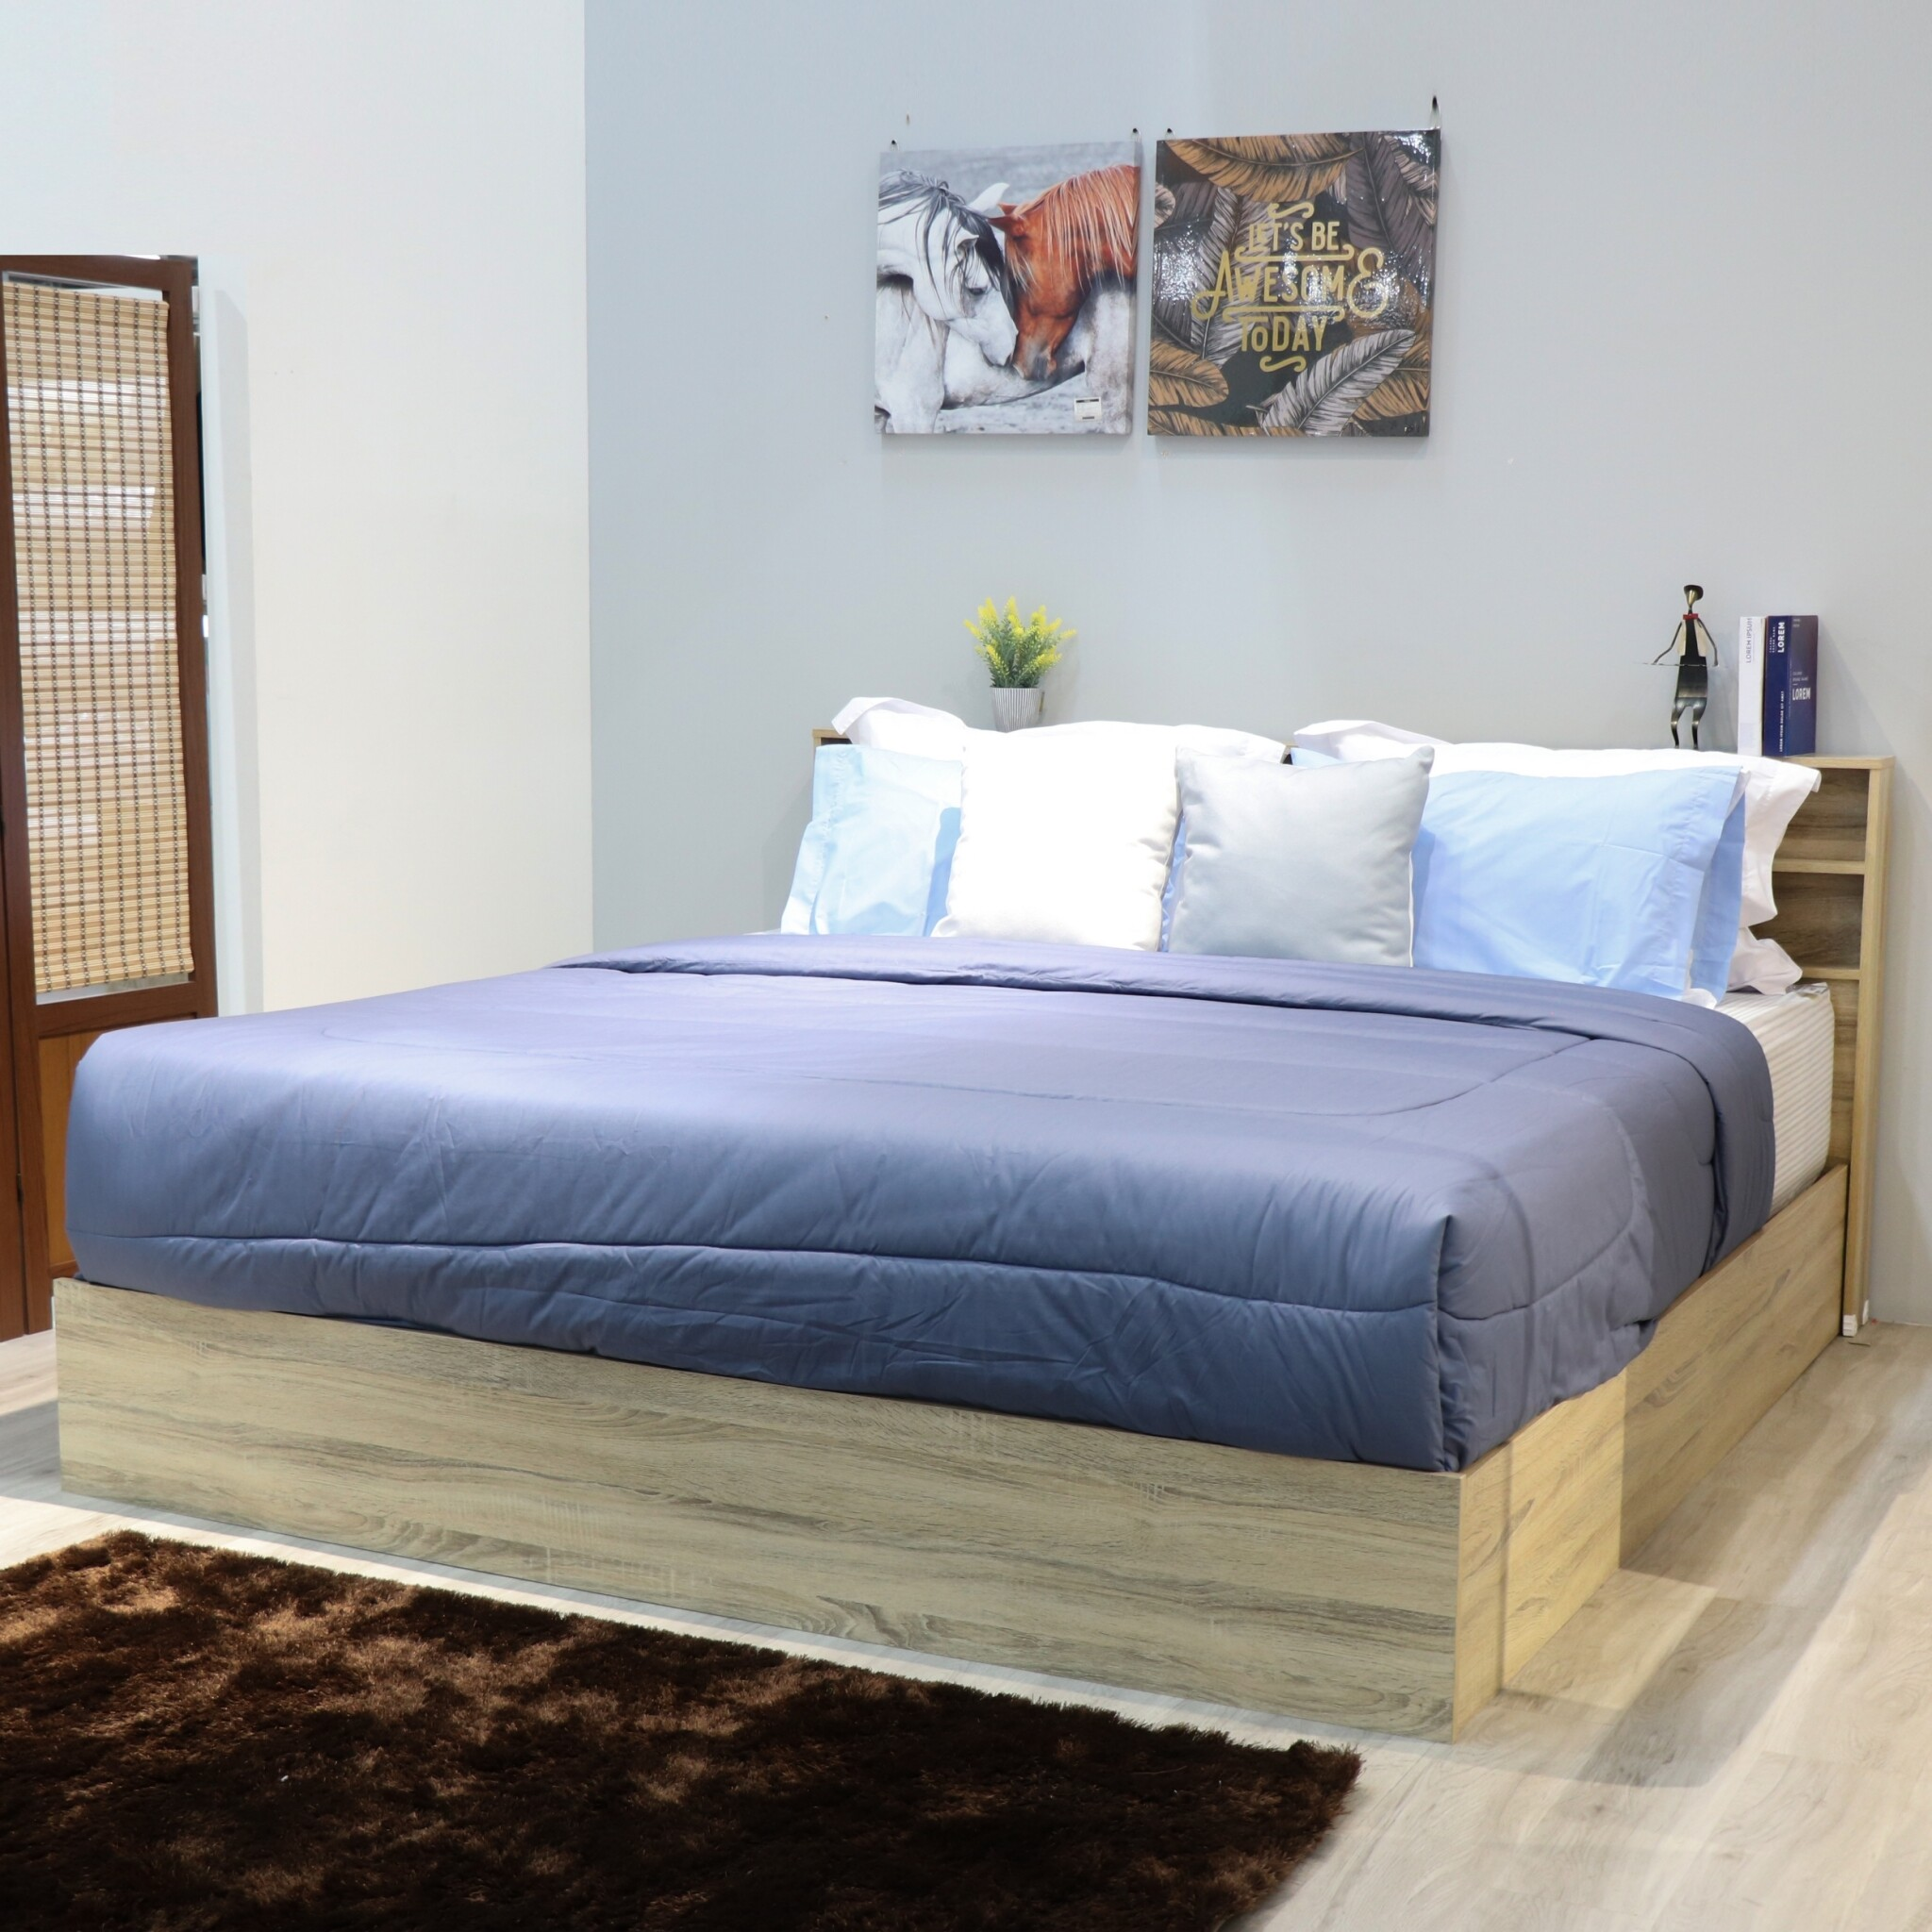 เตียงนอนไม้ ขนาด 6 ฟุต รุ่น Smile [สินค้าไม่ประกอบ].